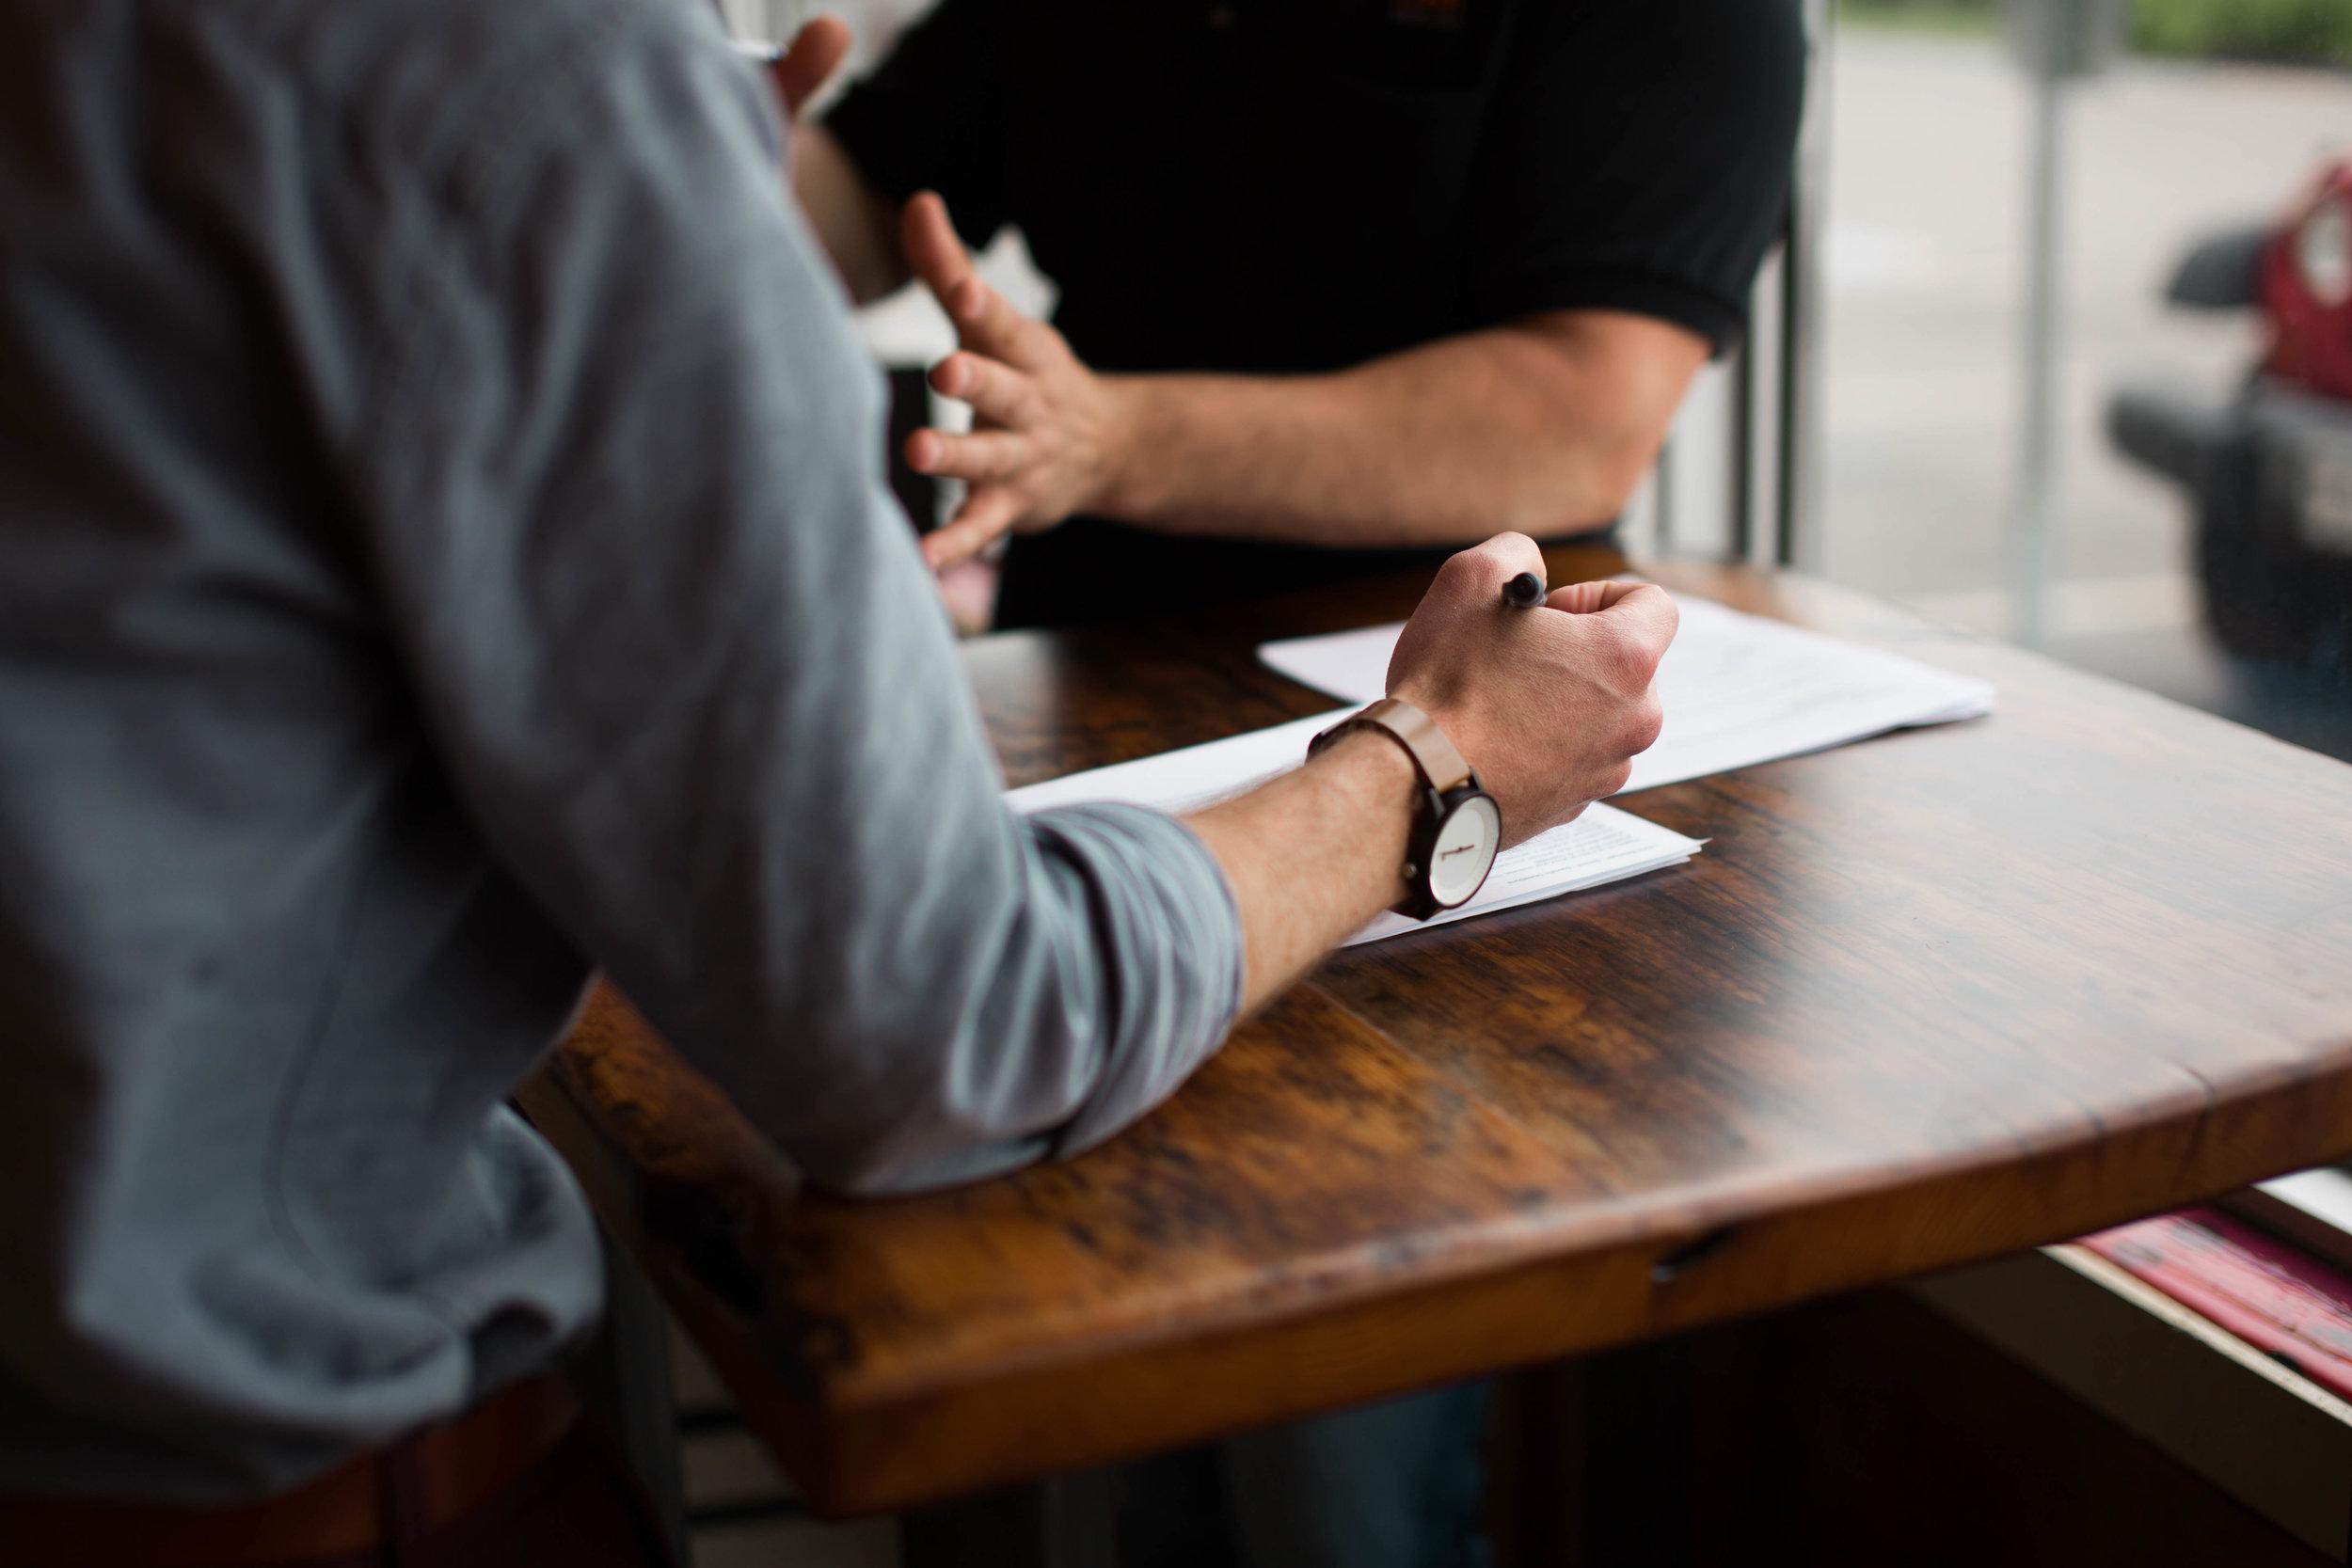 Rådgiving - Har du en utfordring? Vi tilbyr rådgiving innen faget, og kan hjelpe deg på kort tid.